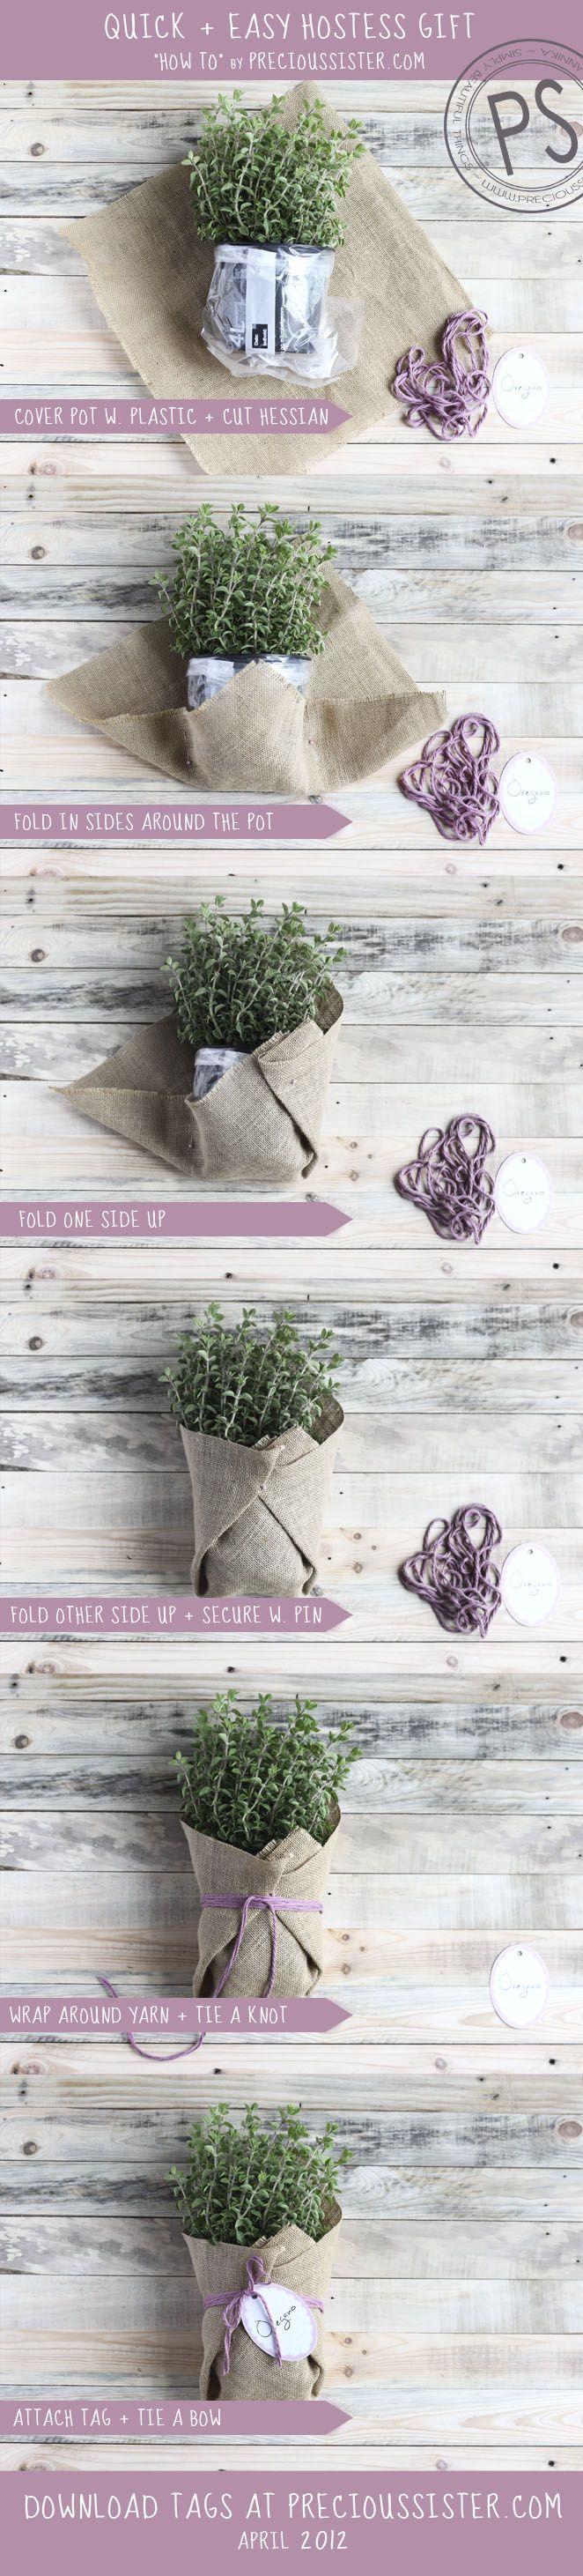 A QUICK AND EASY HOSTESS GIFT. Home & Garden | Precious Sister ...